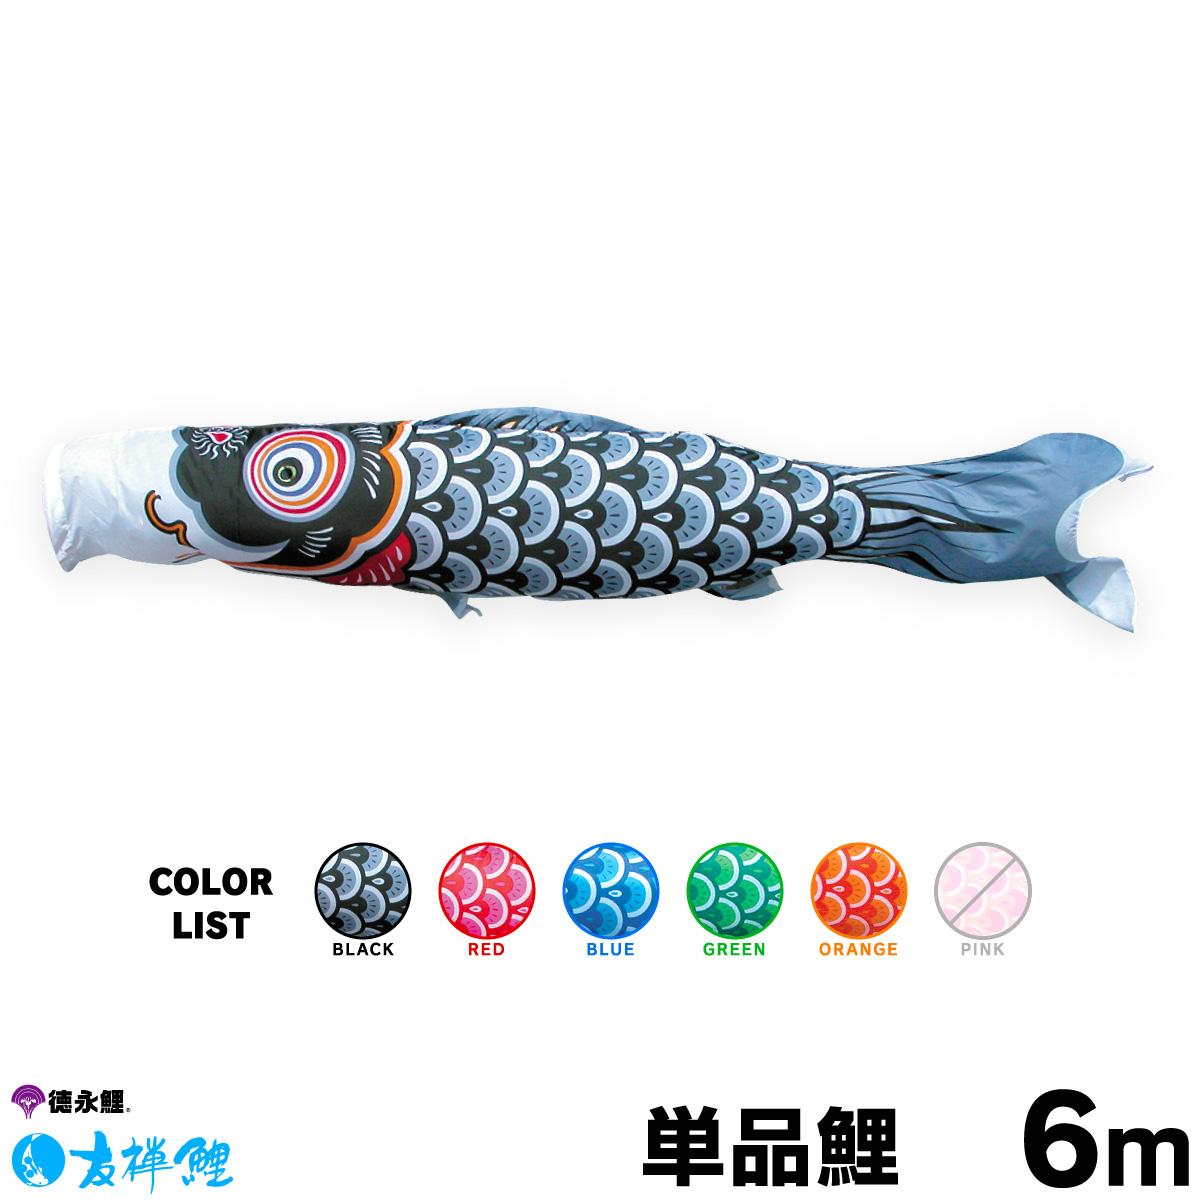 【こいのぼり 単品】 友禅鯉 6m 単品鯉 黒 赤 青 緑 橙